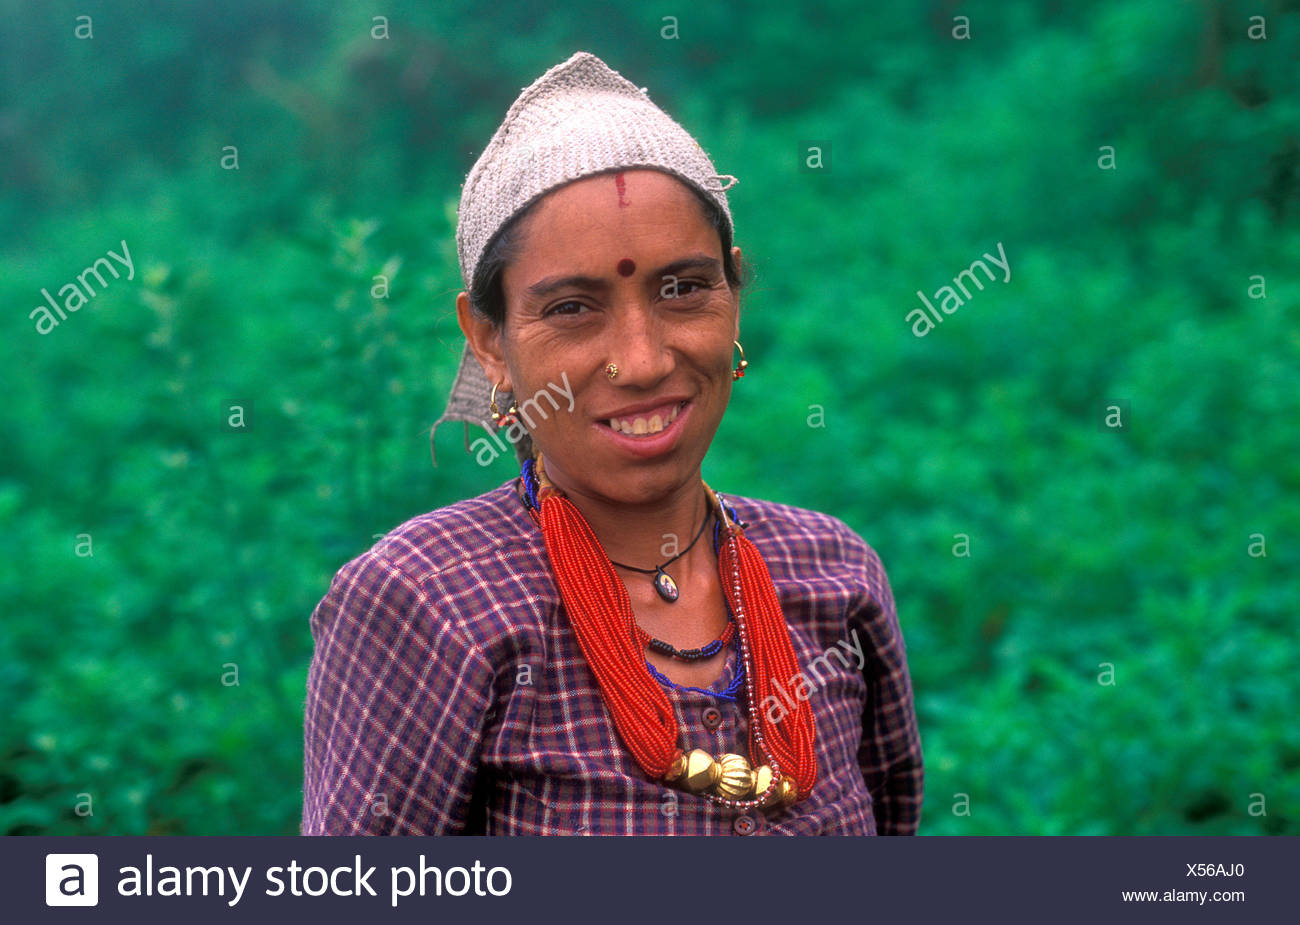 Porträt von eine freundliche junge Frau, Dodi Tal, ethnische Gruppe der Bhotia, Garhwal Himalaya, Nord-Indien, Asien Stockbild